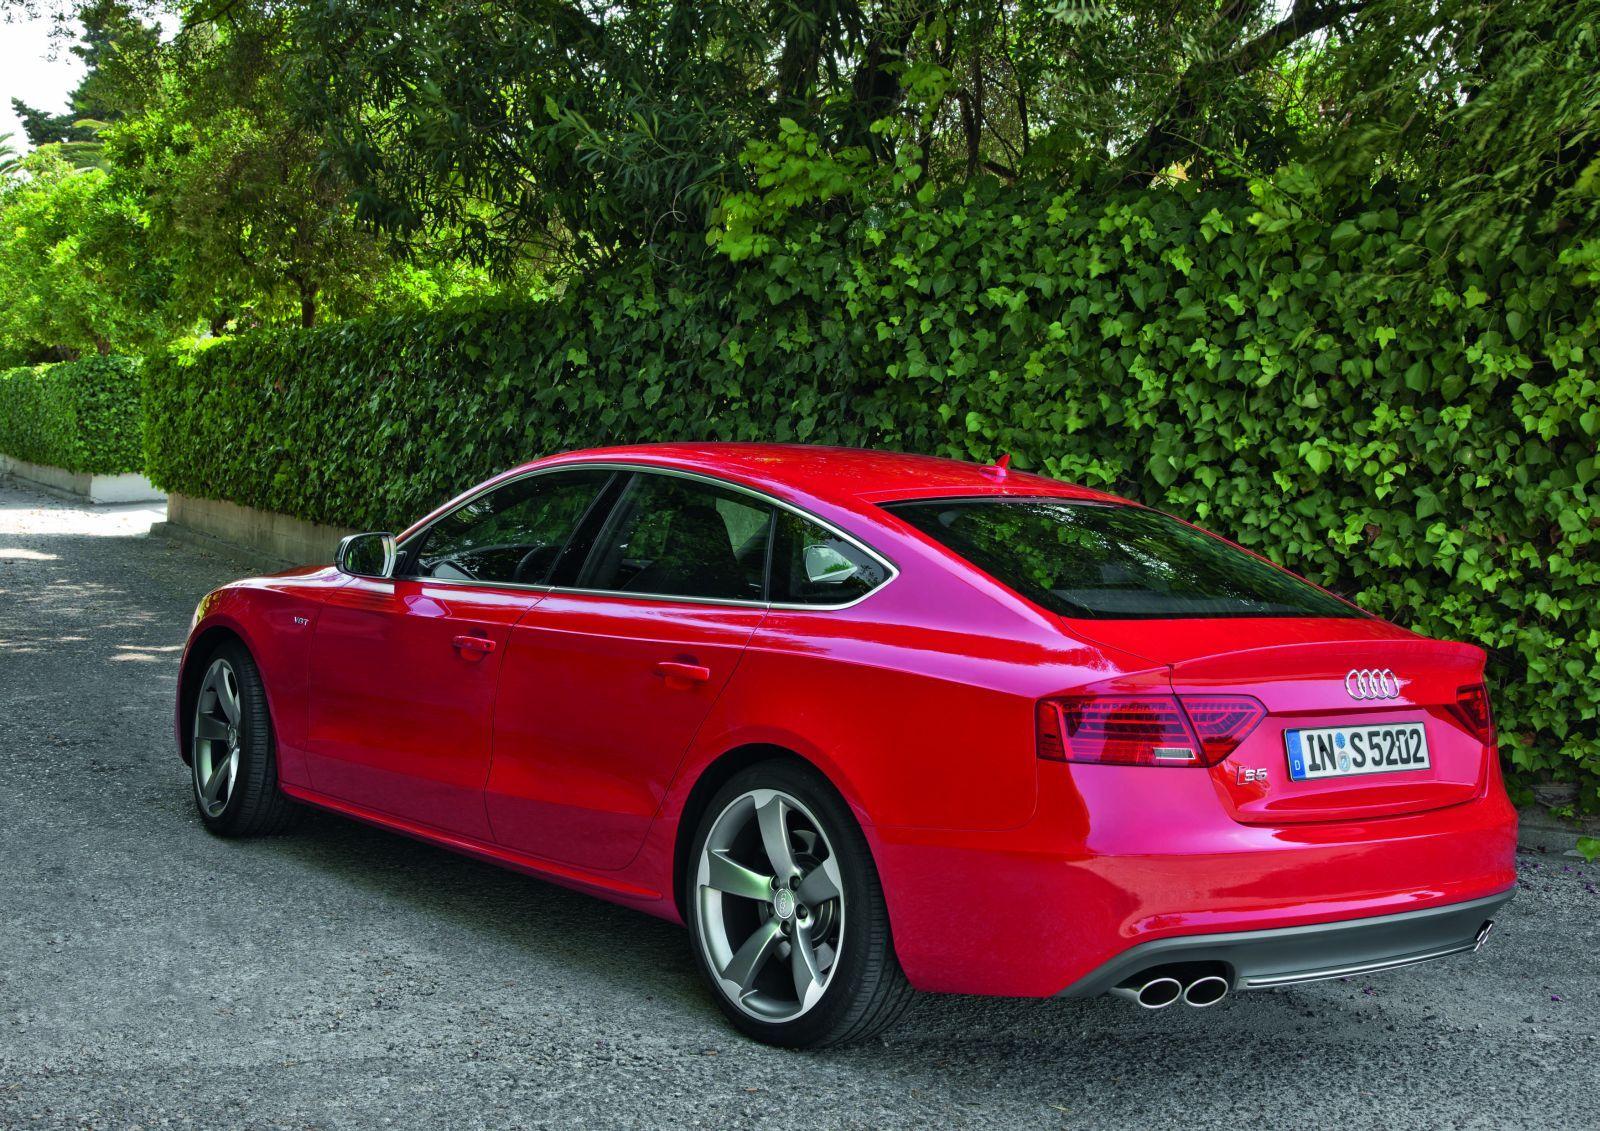 Audi S5 2012 Con Un Tuning Econ Mico Coches De J Venes - illinois ...